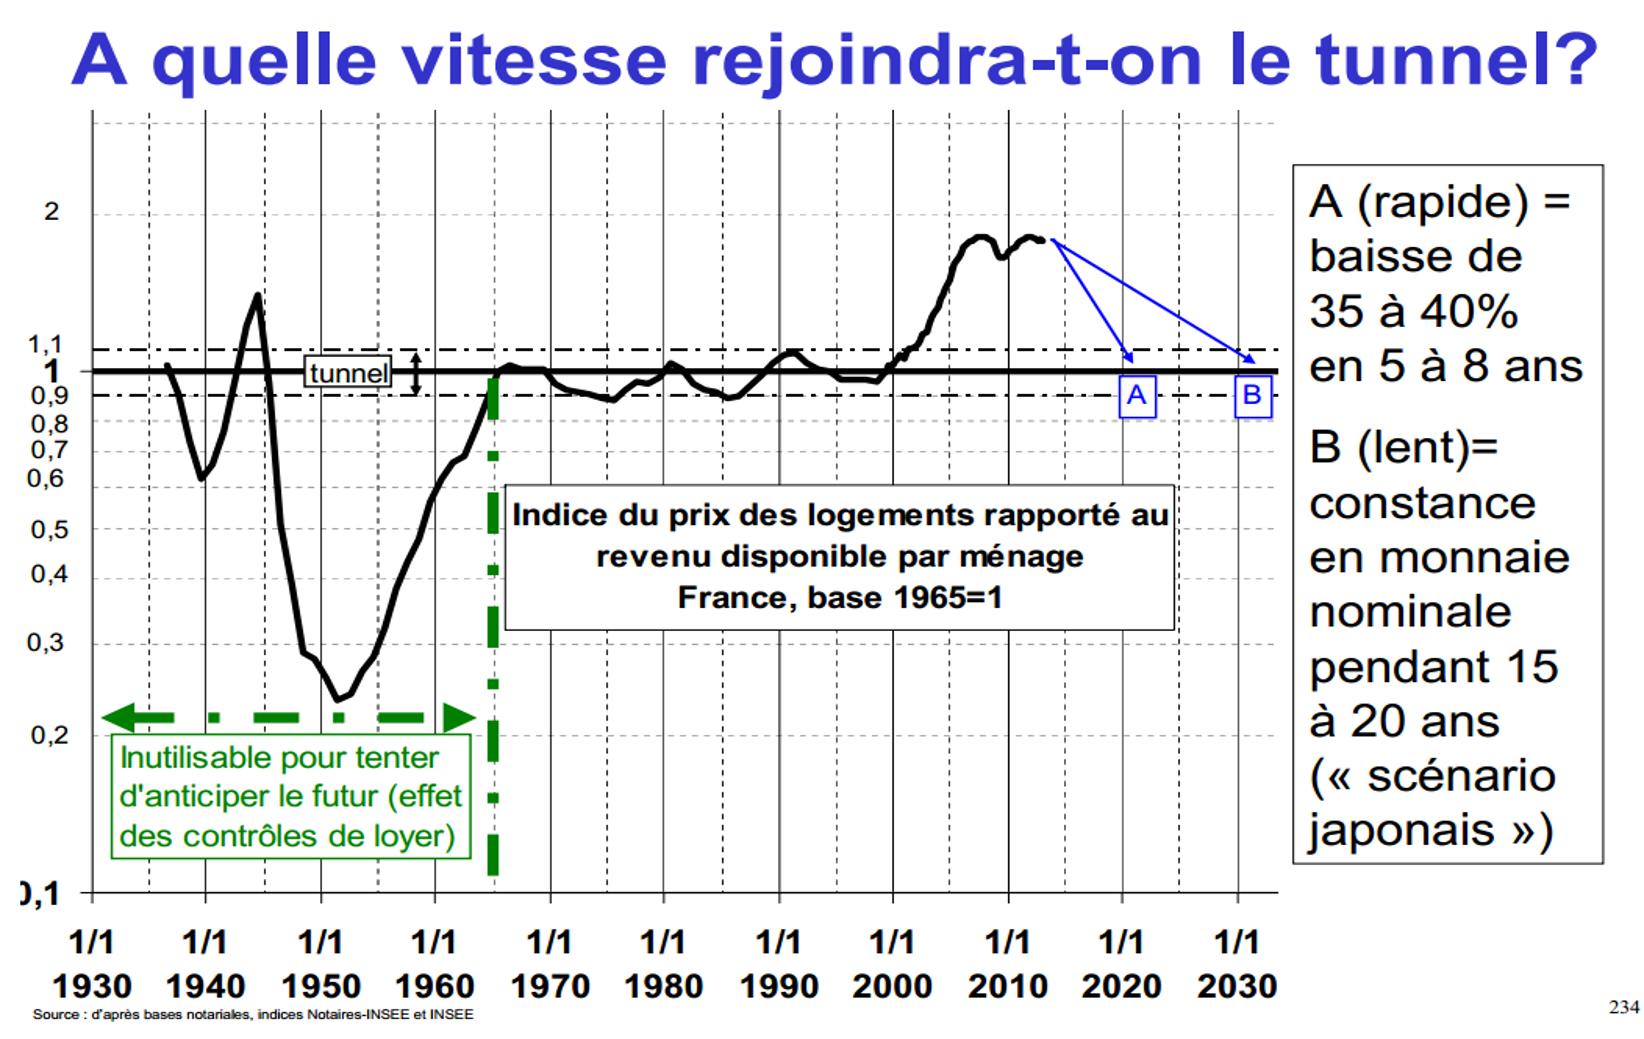 Scenario de baisse de l immobilier Jacques Friggit